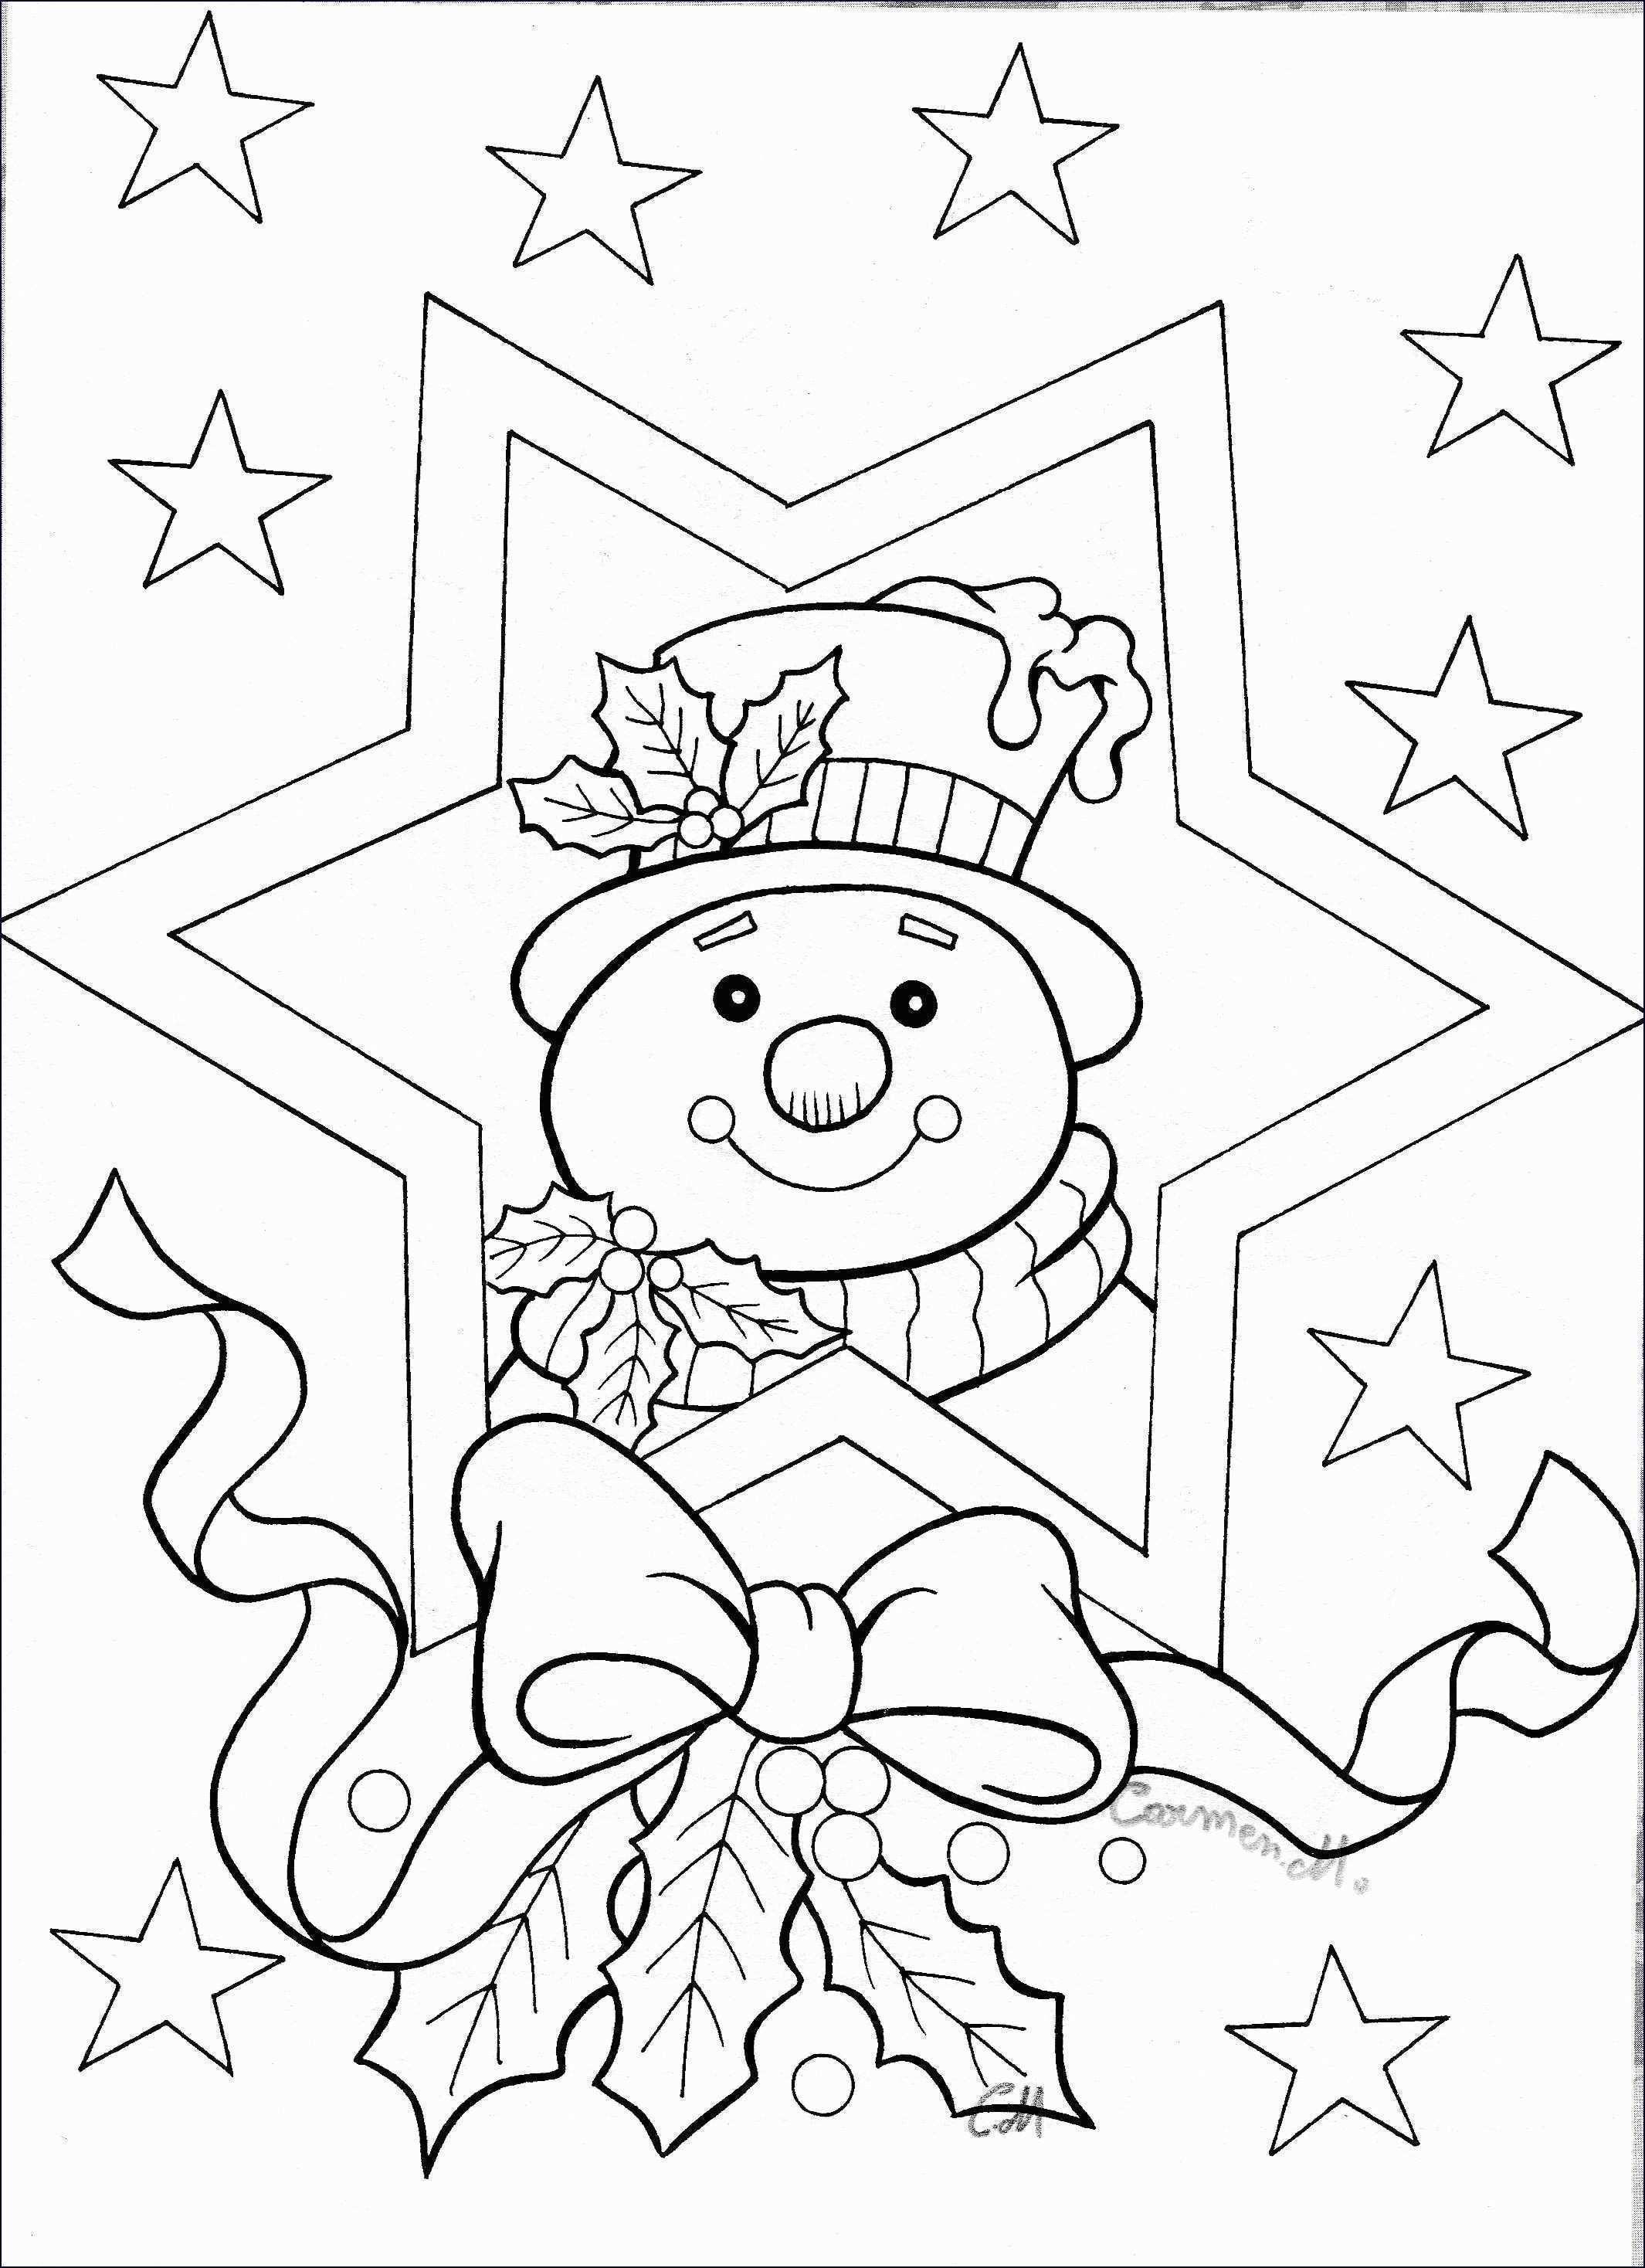 Emily Erdbeer Ausmalbilder Frisch Hello Kitty Zeichnen Fotos Bayern Ausmalbilder Frisch Igel Stock